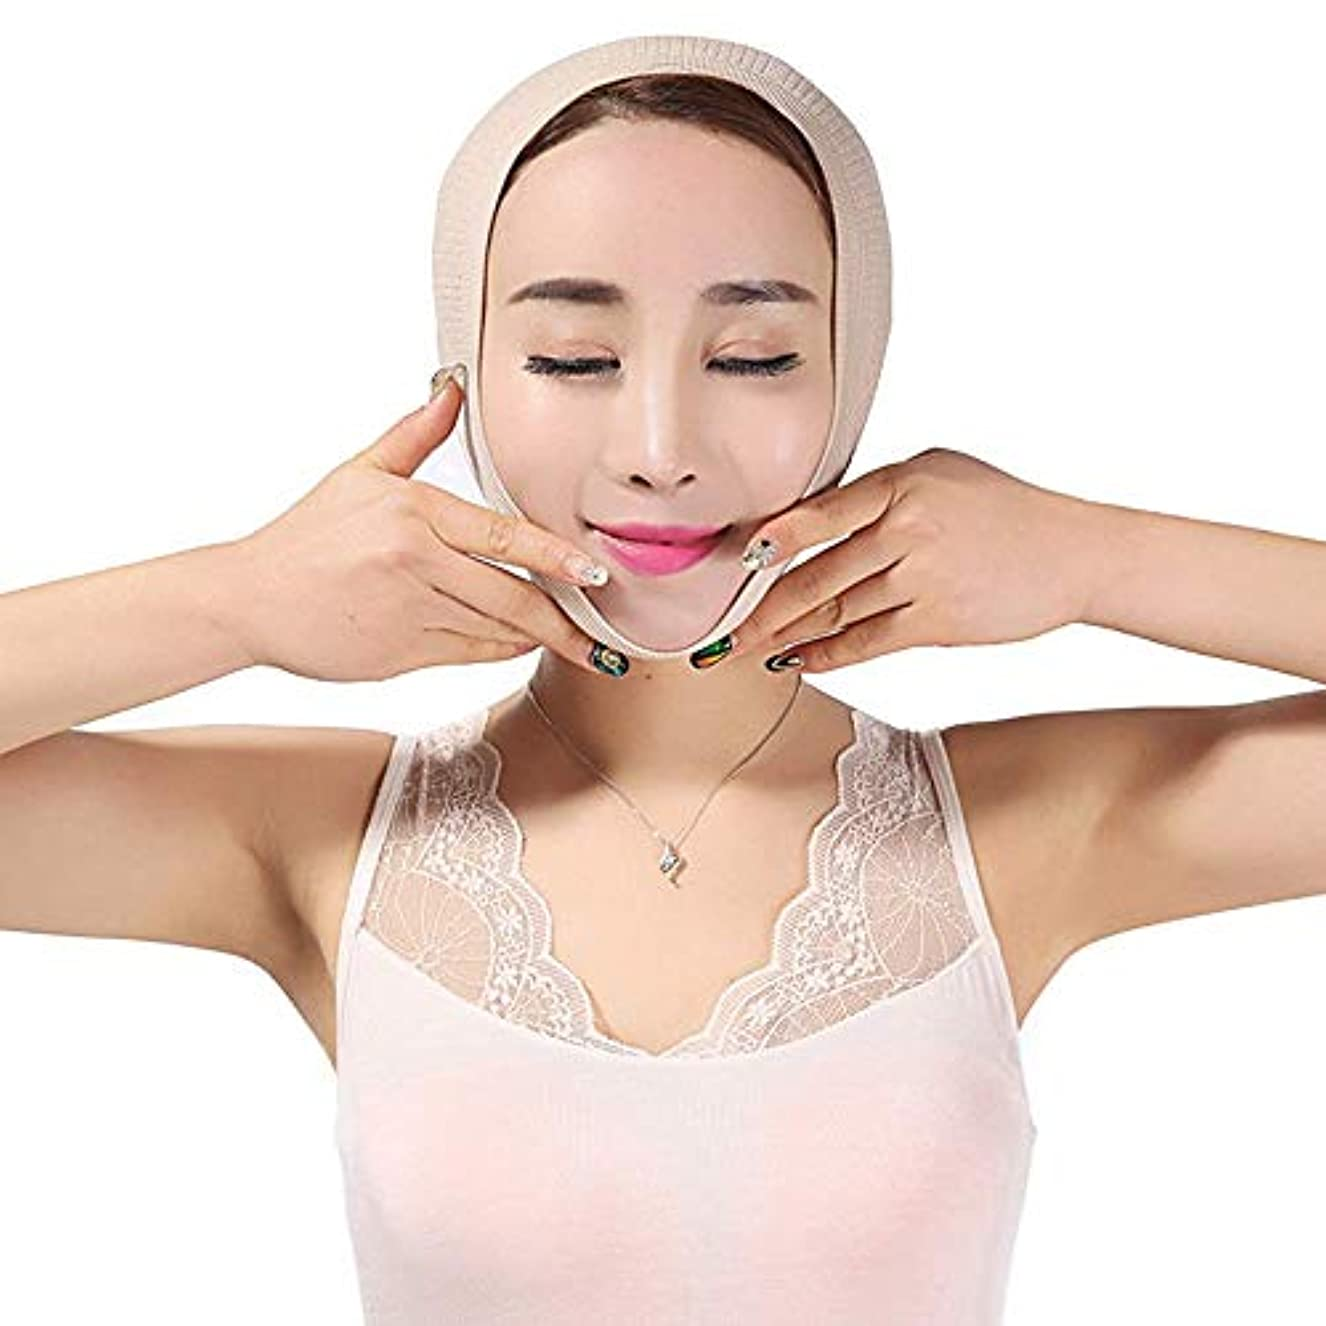 聖職者藤色スキップ薄い顔の器械のマスクの改装の包帯Vの表面持ち上がることの引き締めの美顔術の二重最大の顔のマッサージャー